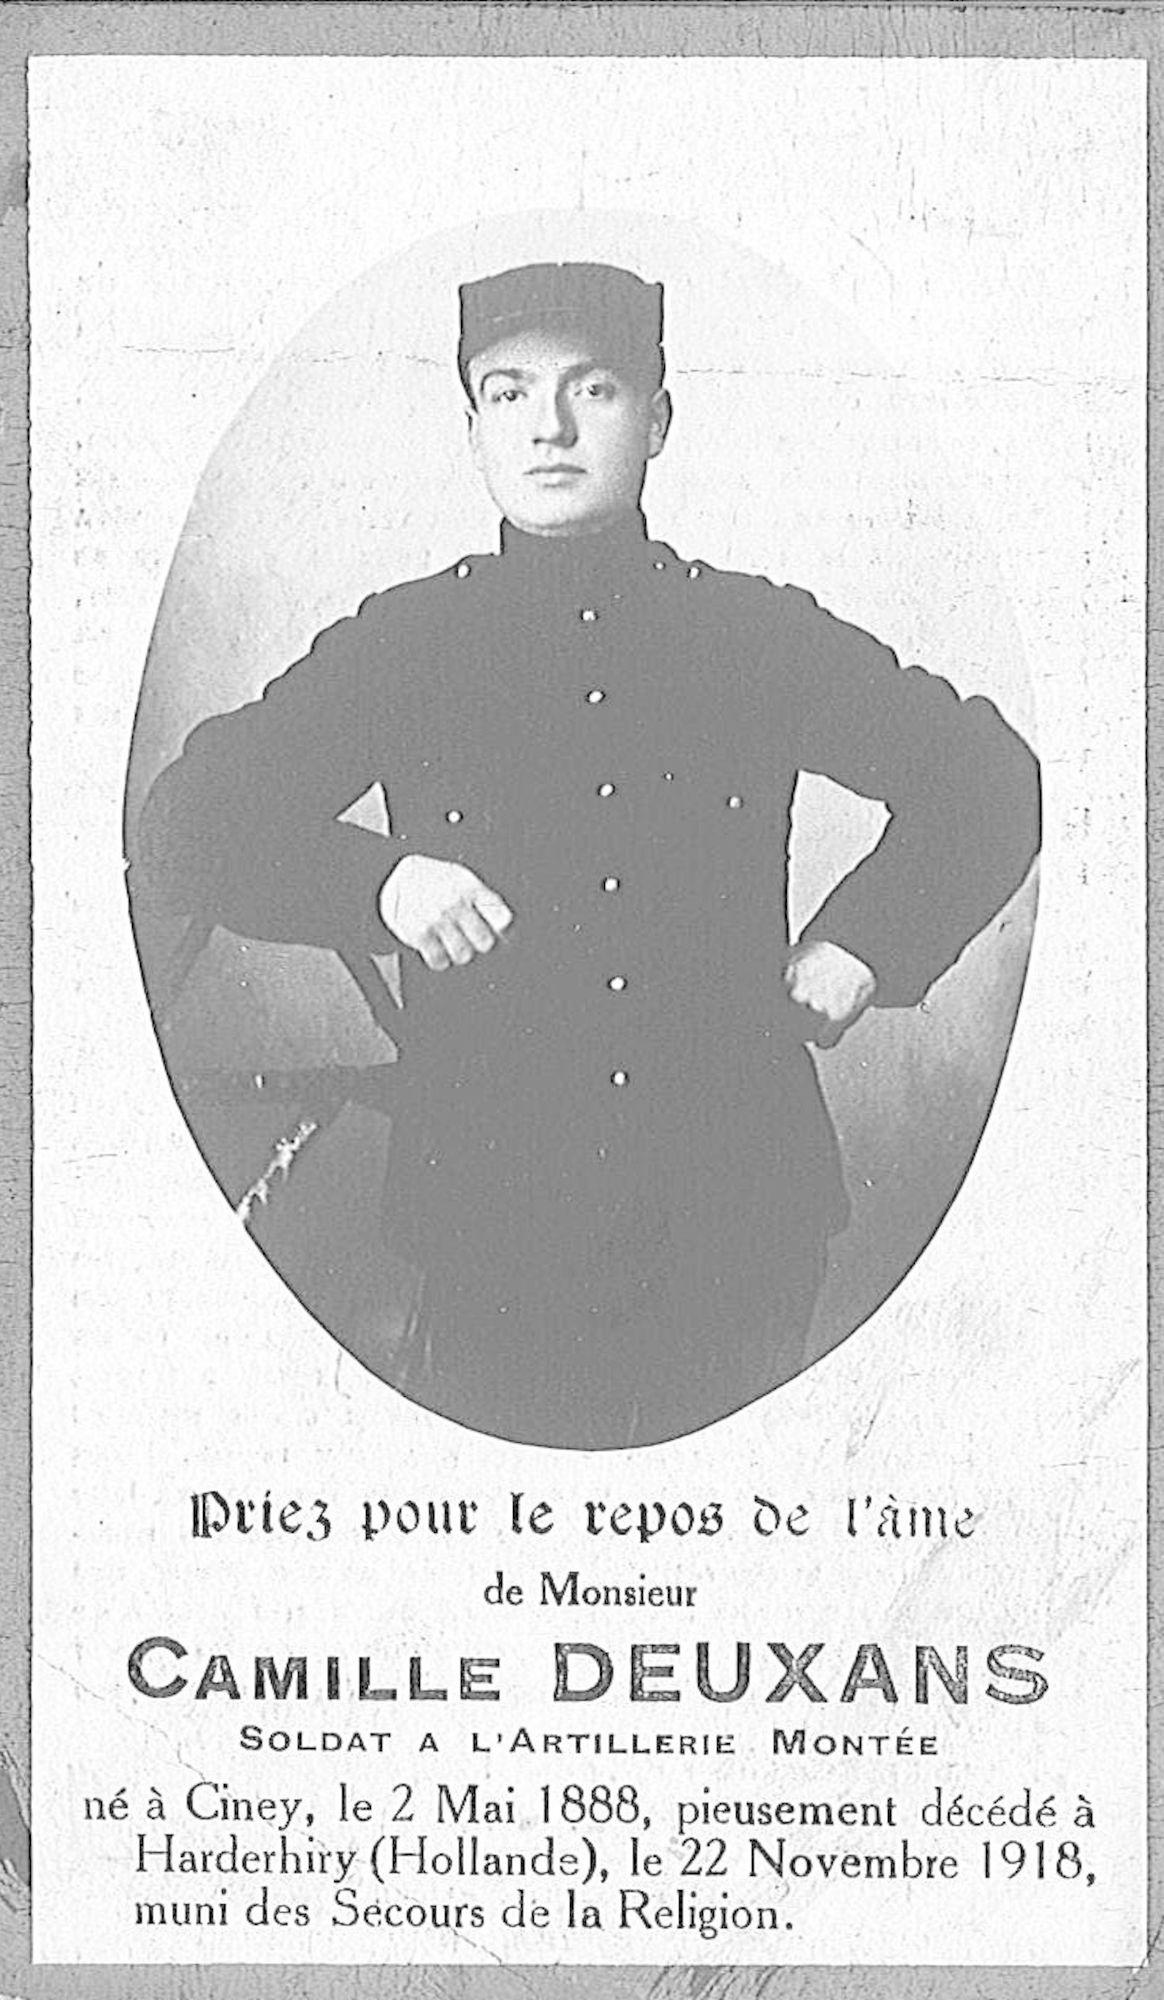 Camille Deuxans